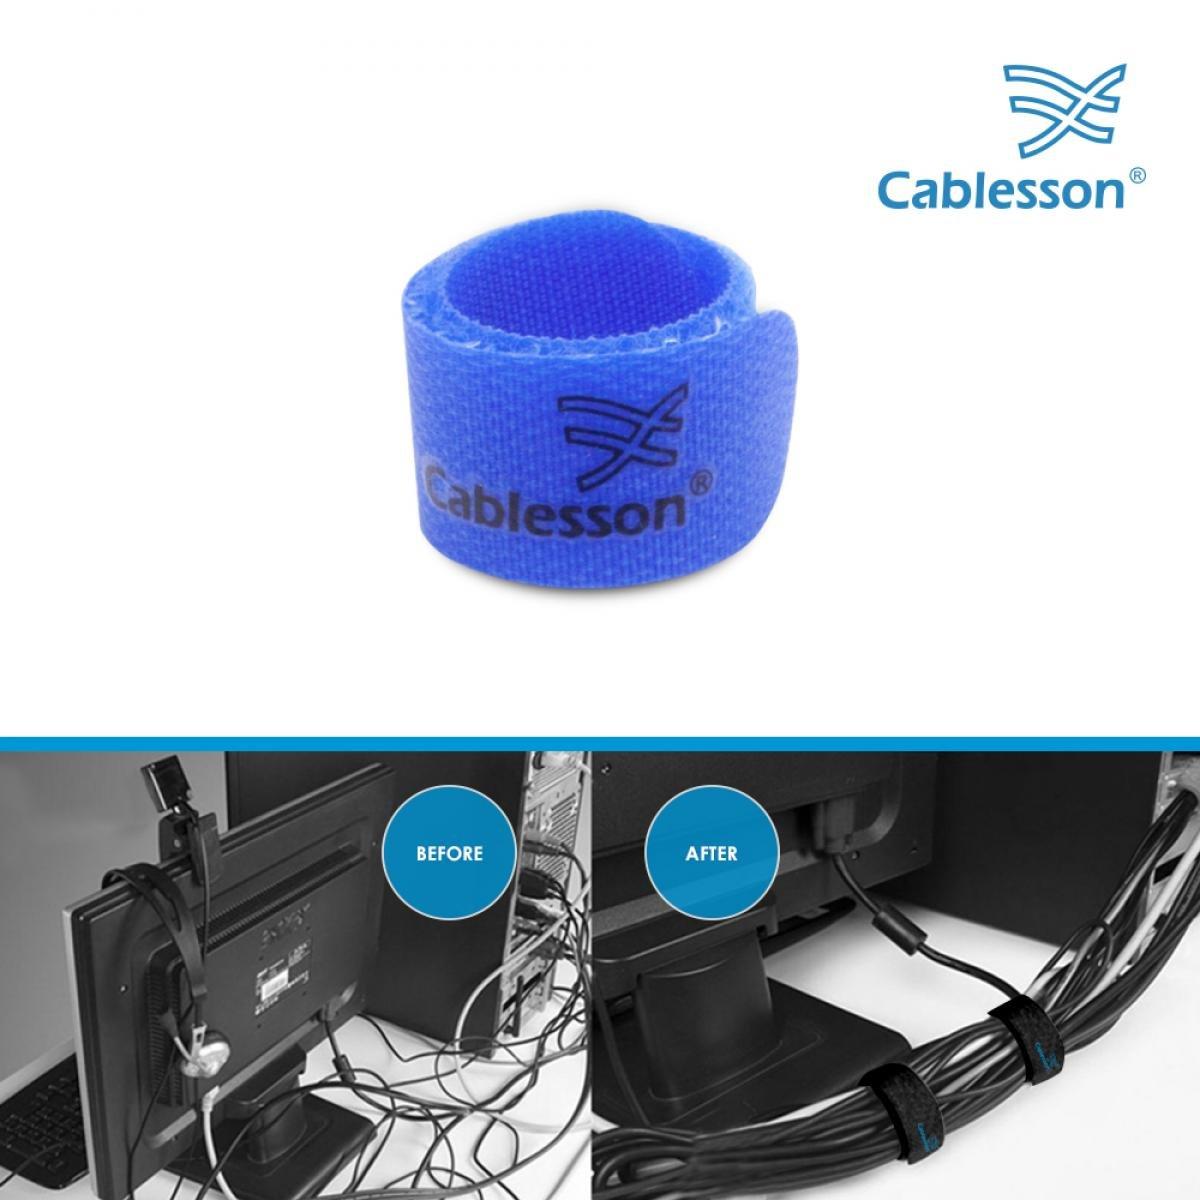 Cablesson Fermacavi di Velcro e Nylon Gancio e Laccio rilasciabili e riutillizabili fissi e mantenga Il Filo da Cavo ordinato Nero. Pacco di 50 Pacco Fino